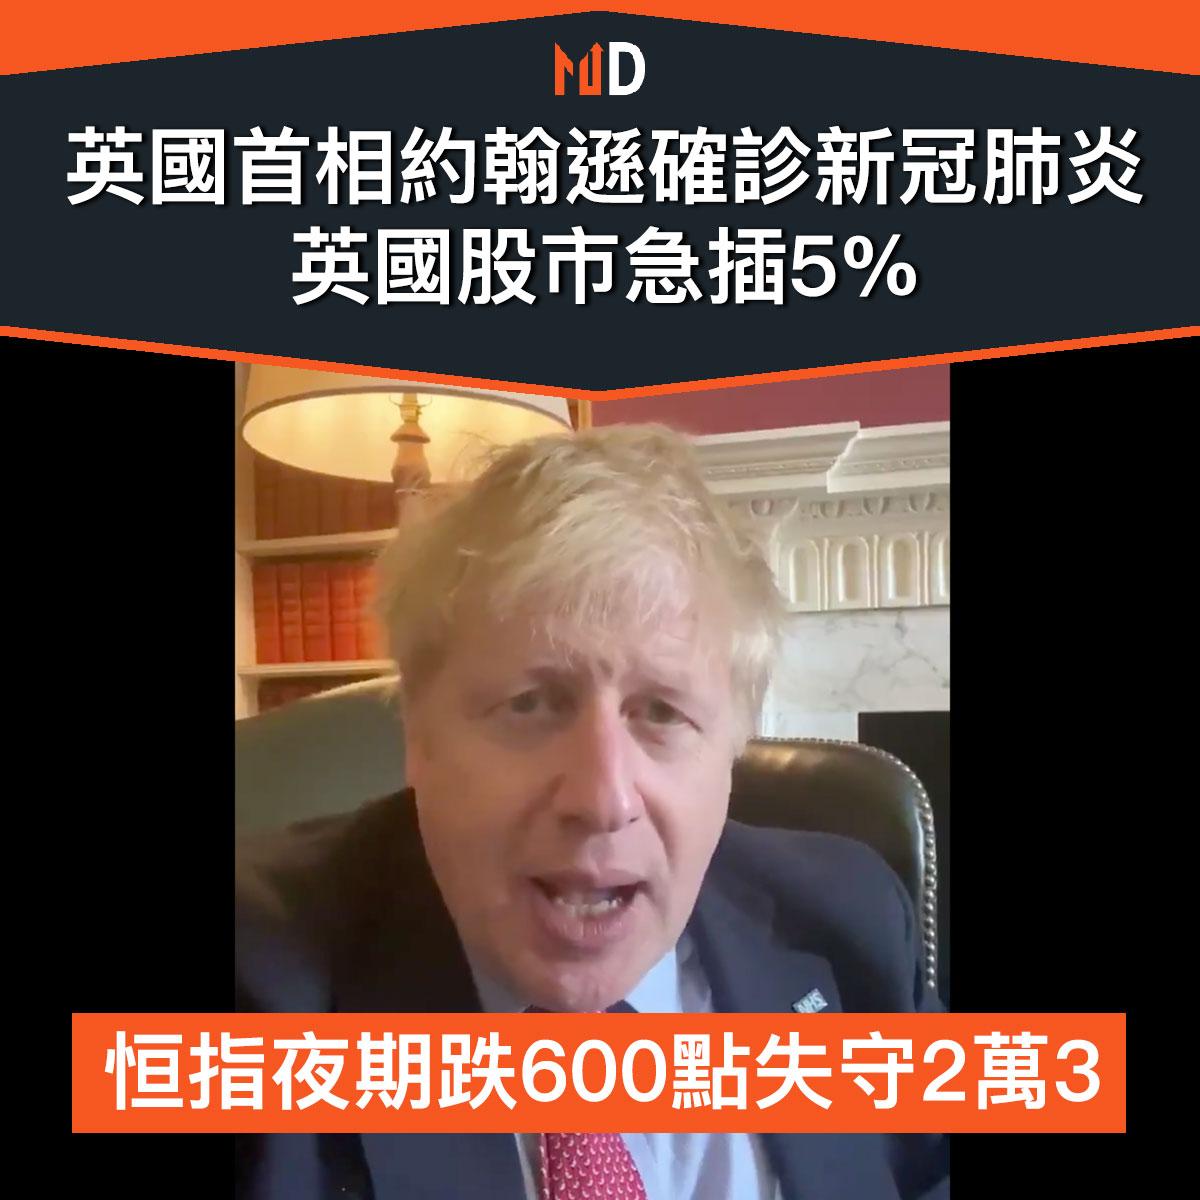 【市場熱話】英國首相約翰遜確診新冠肺炎,英股急插5%